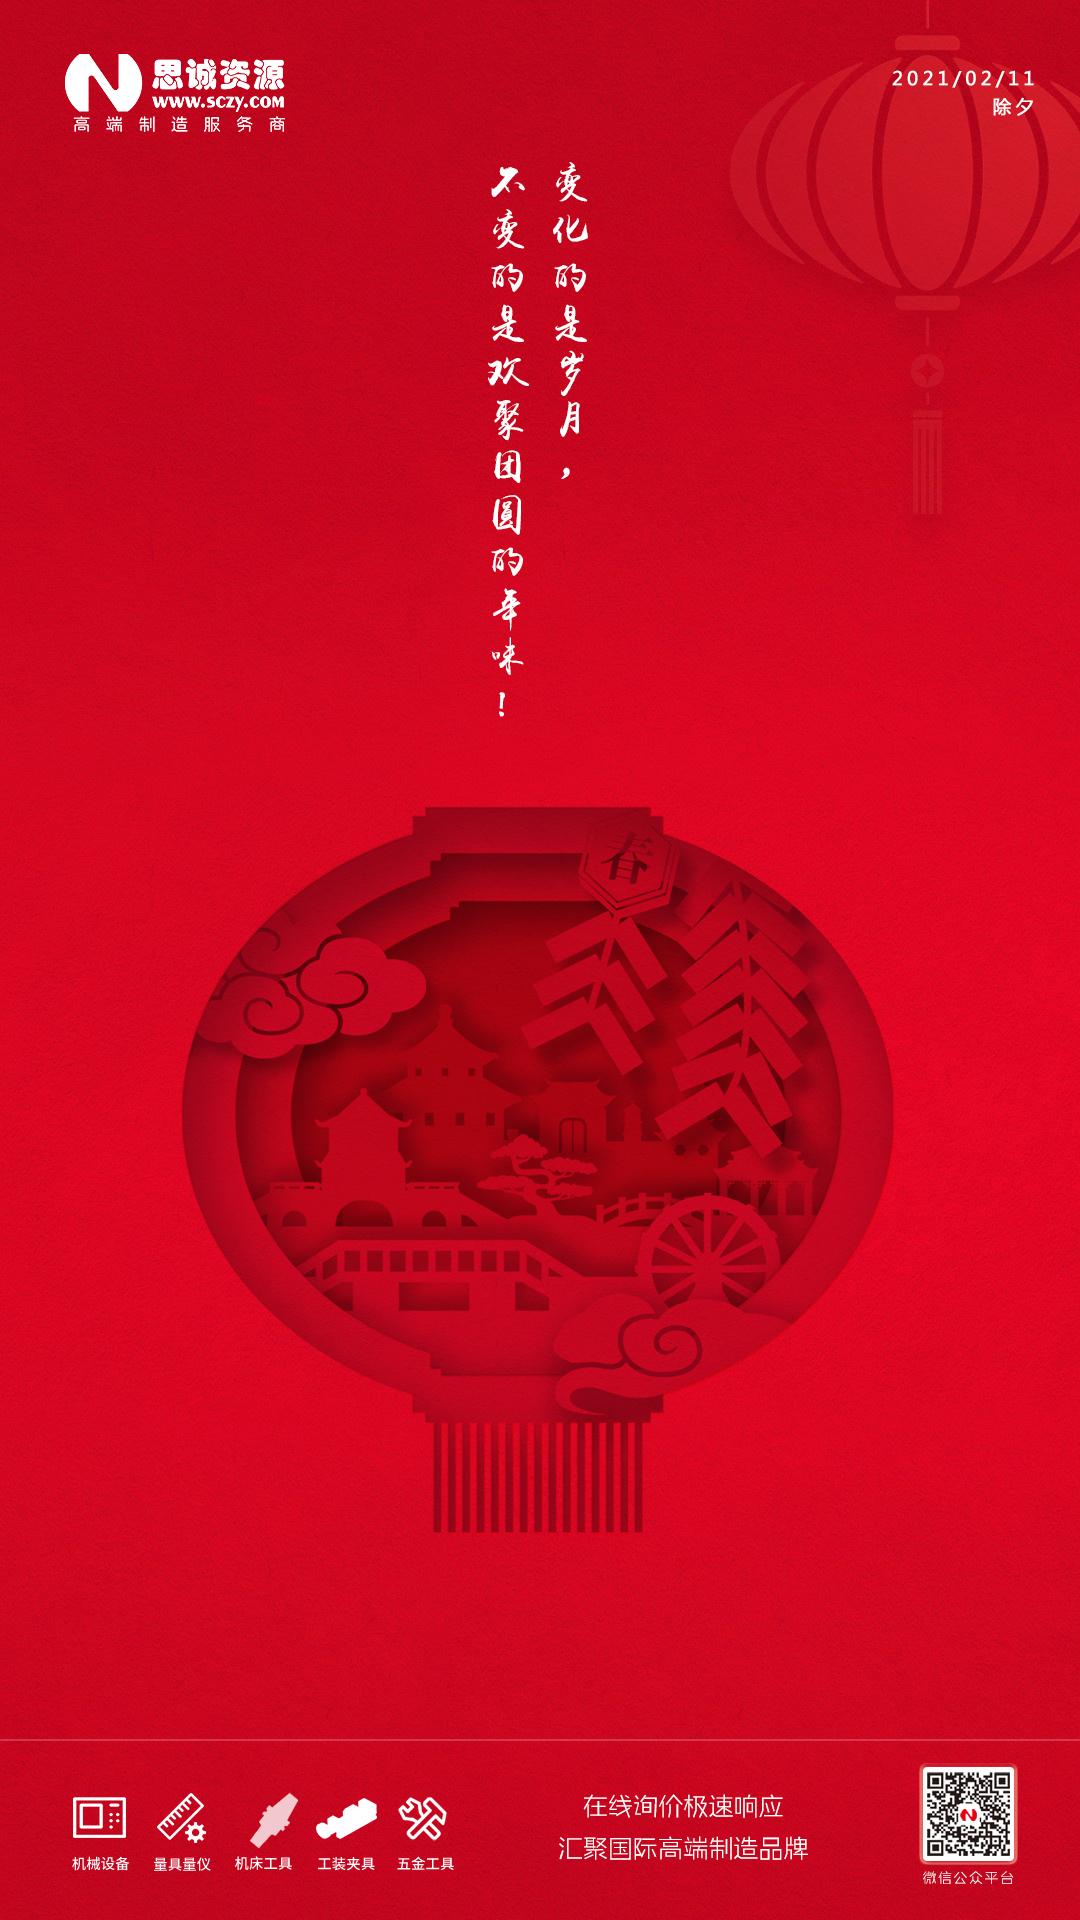 思诚资源2021春节放假通知